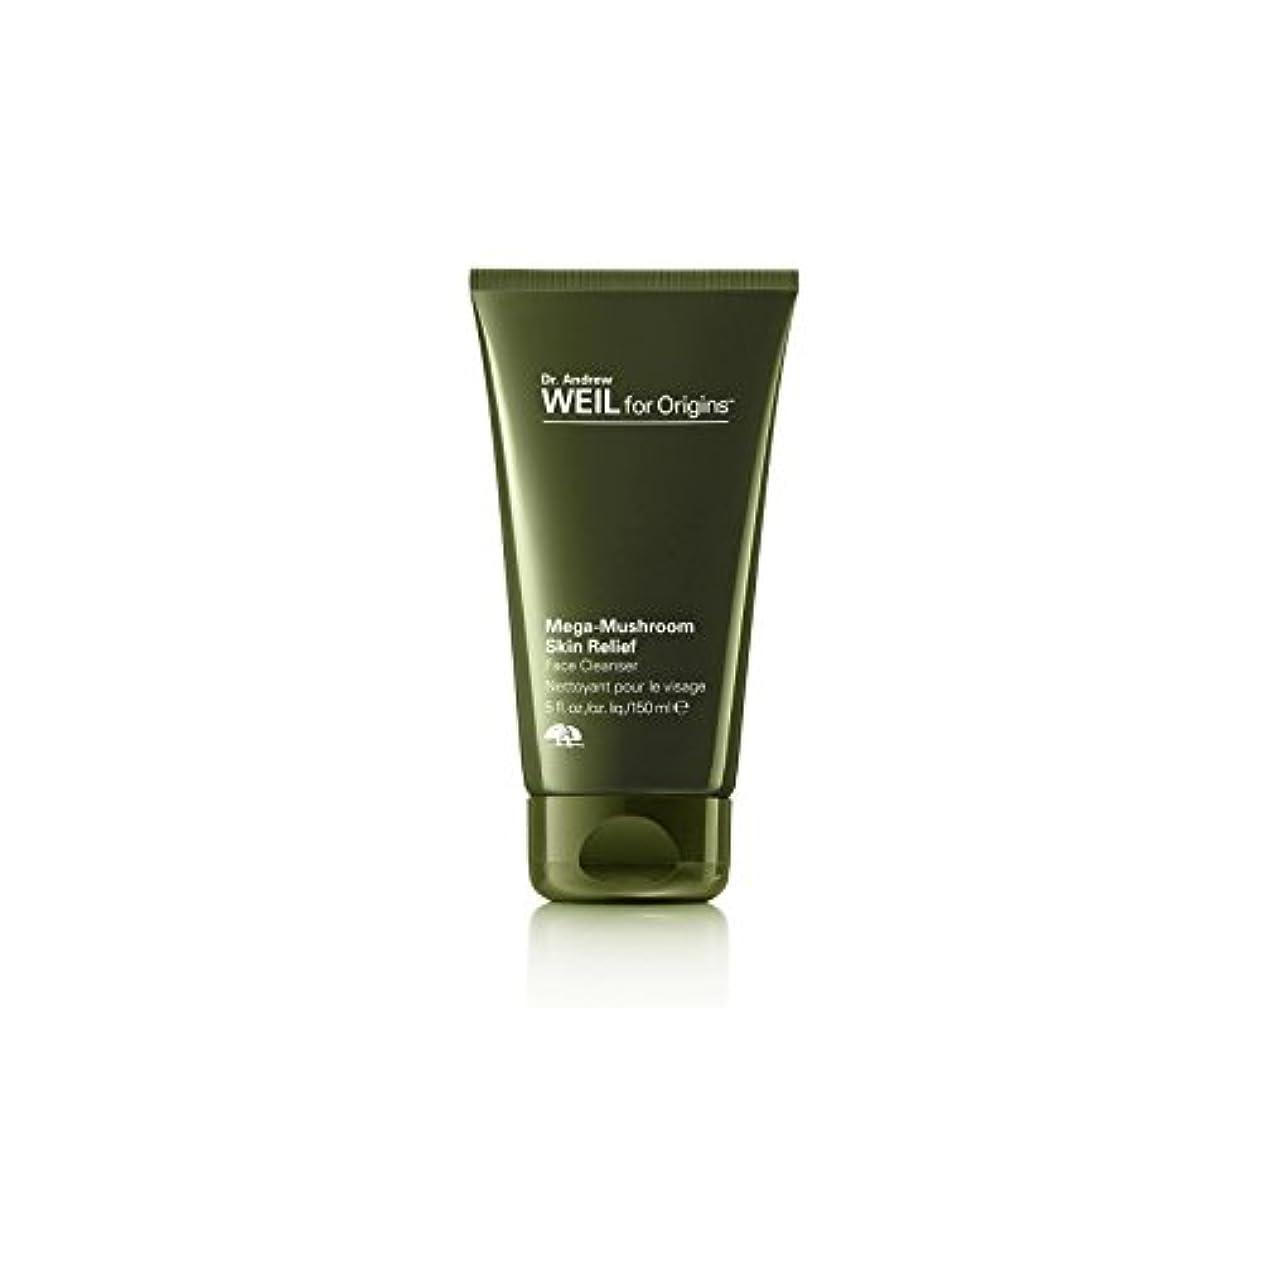 縮約フック放出起源アンドルー?ワイル起源メガキノコ皮膚救済顔クレンザー150ミリリットルのために x2 - Origins Dr. Andrew Weil For Origins Mega-Mushroom Skin Relief Face...